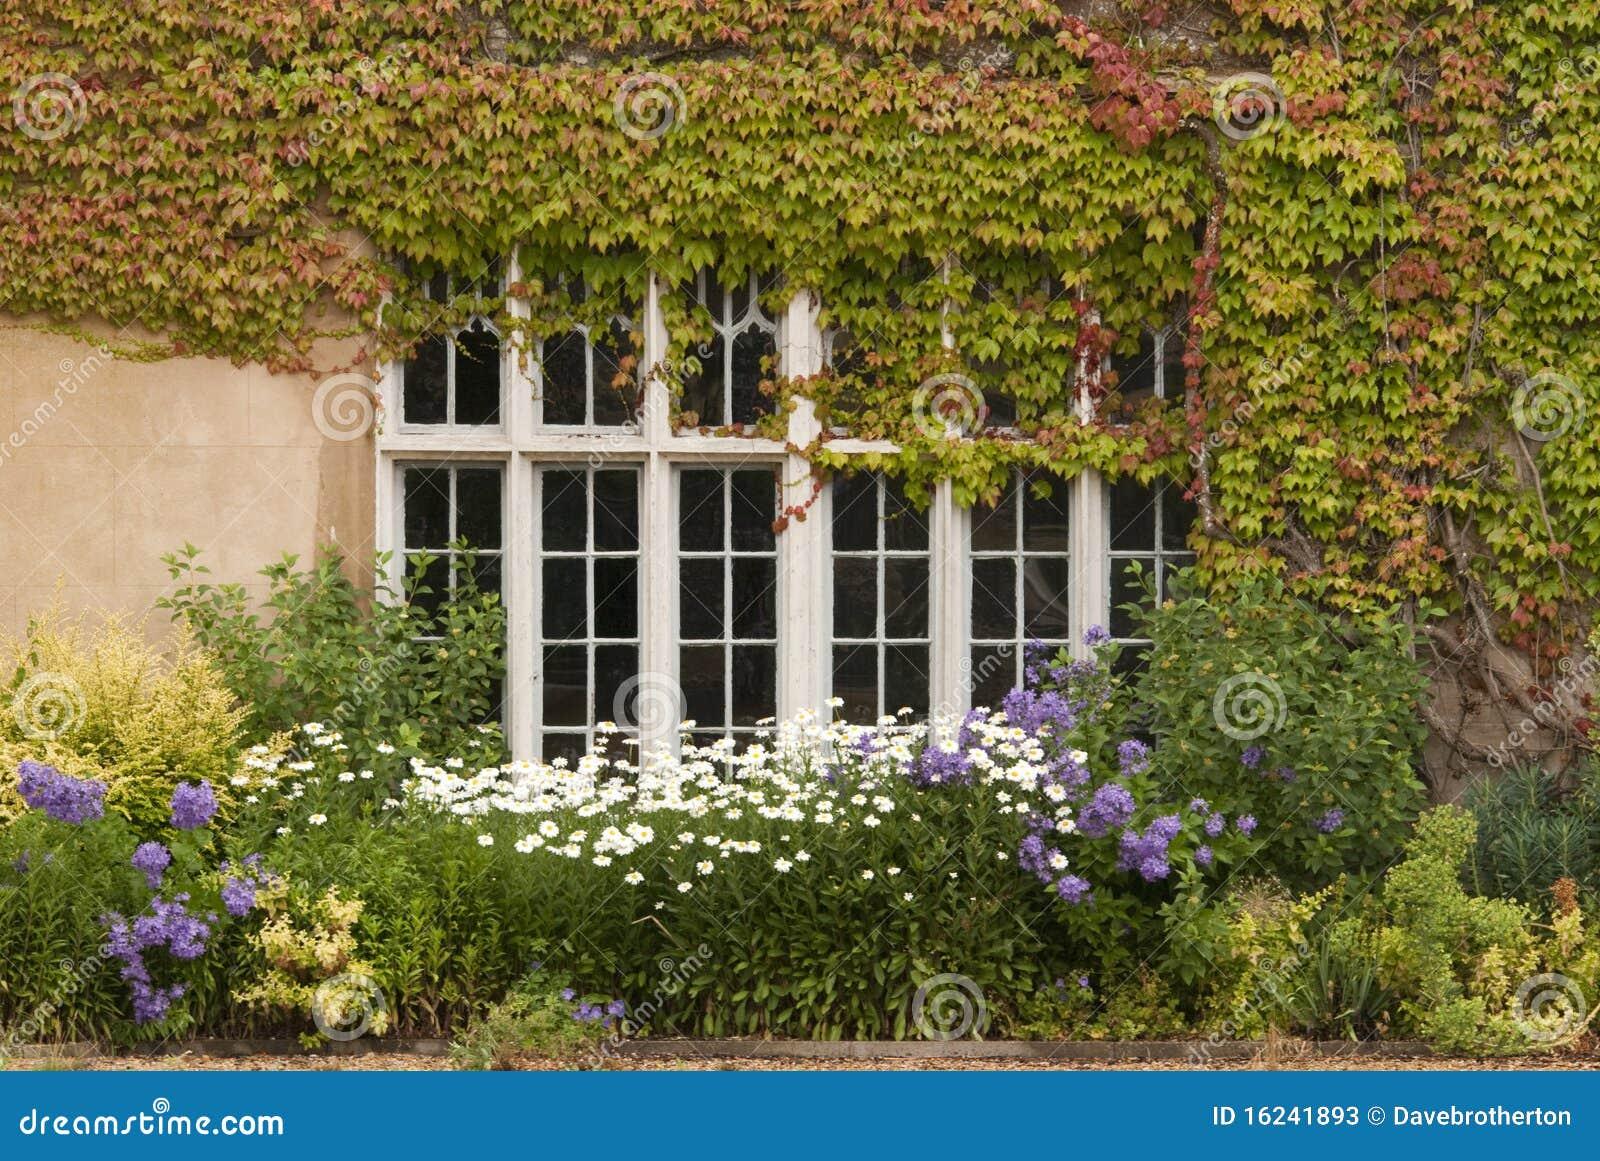 Kraju anglików ogród